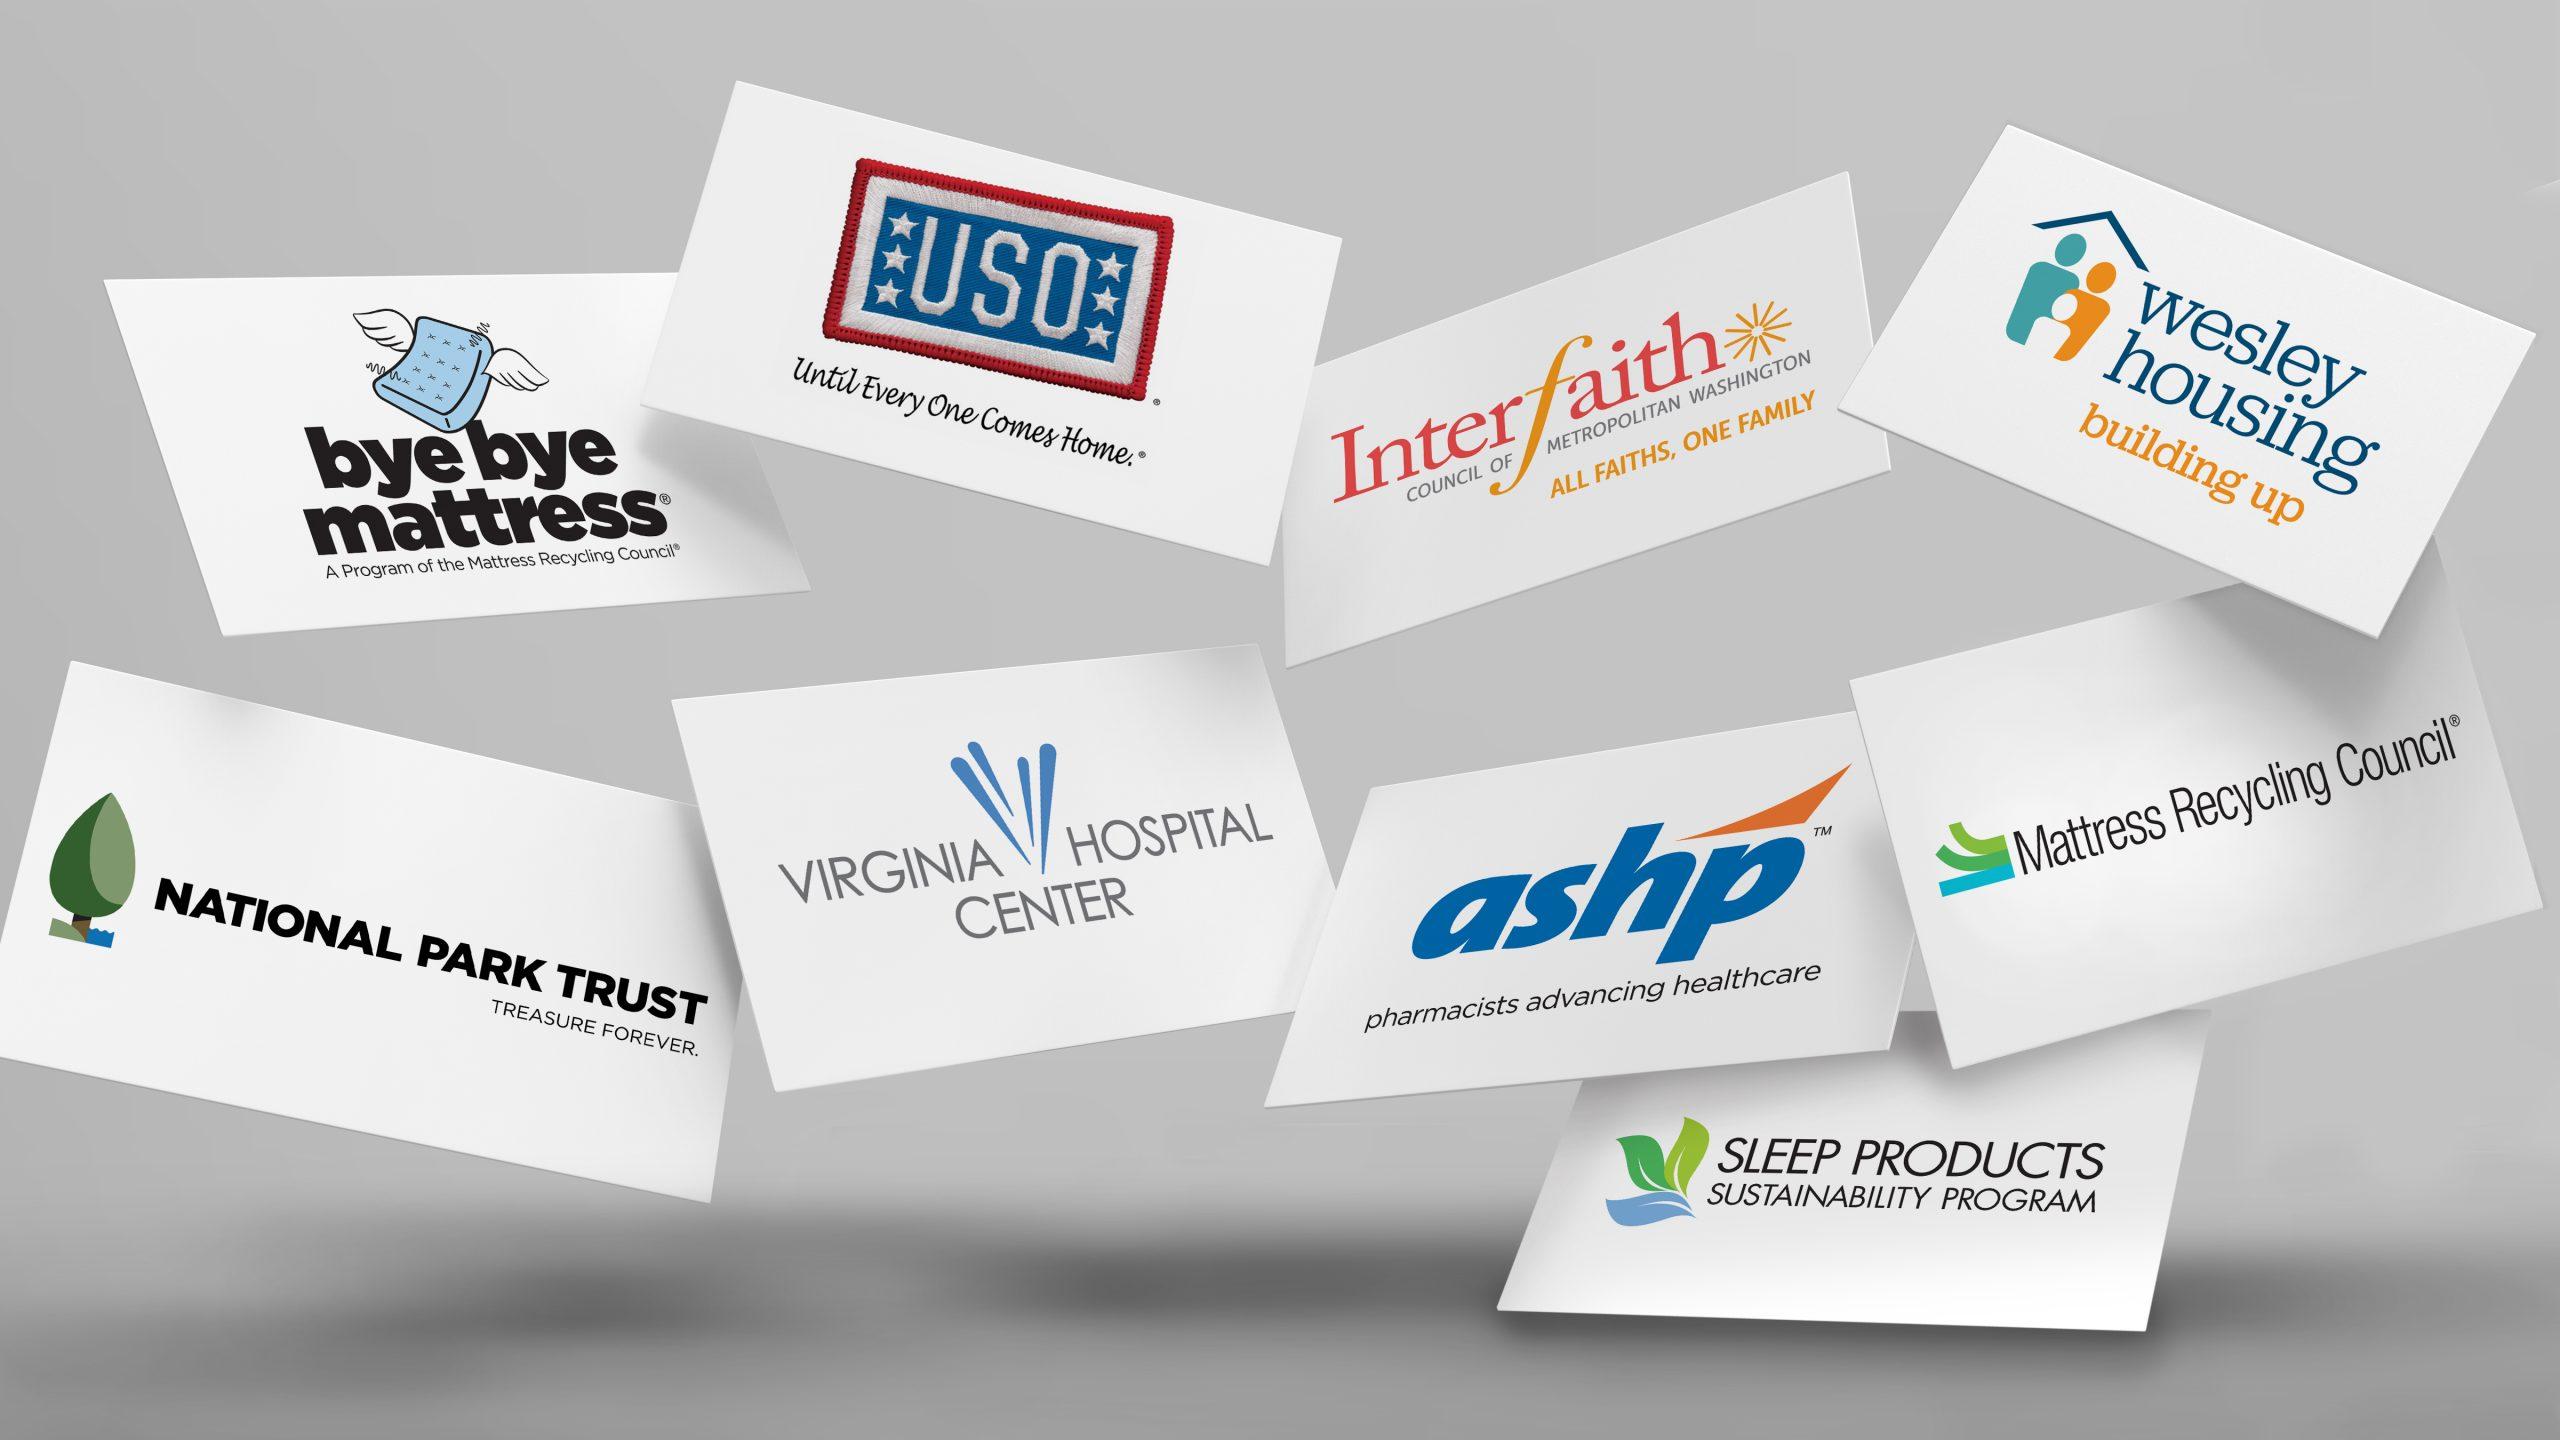 WW brand identity samples